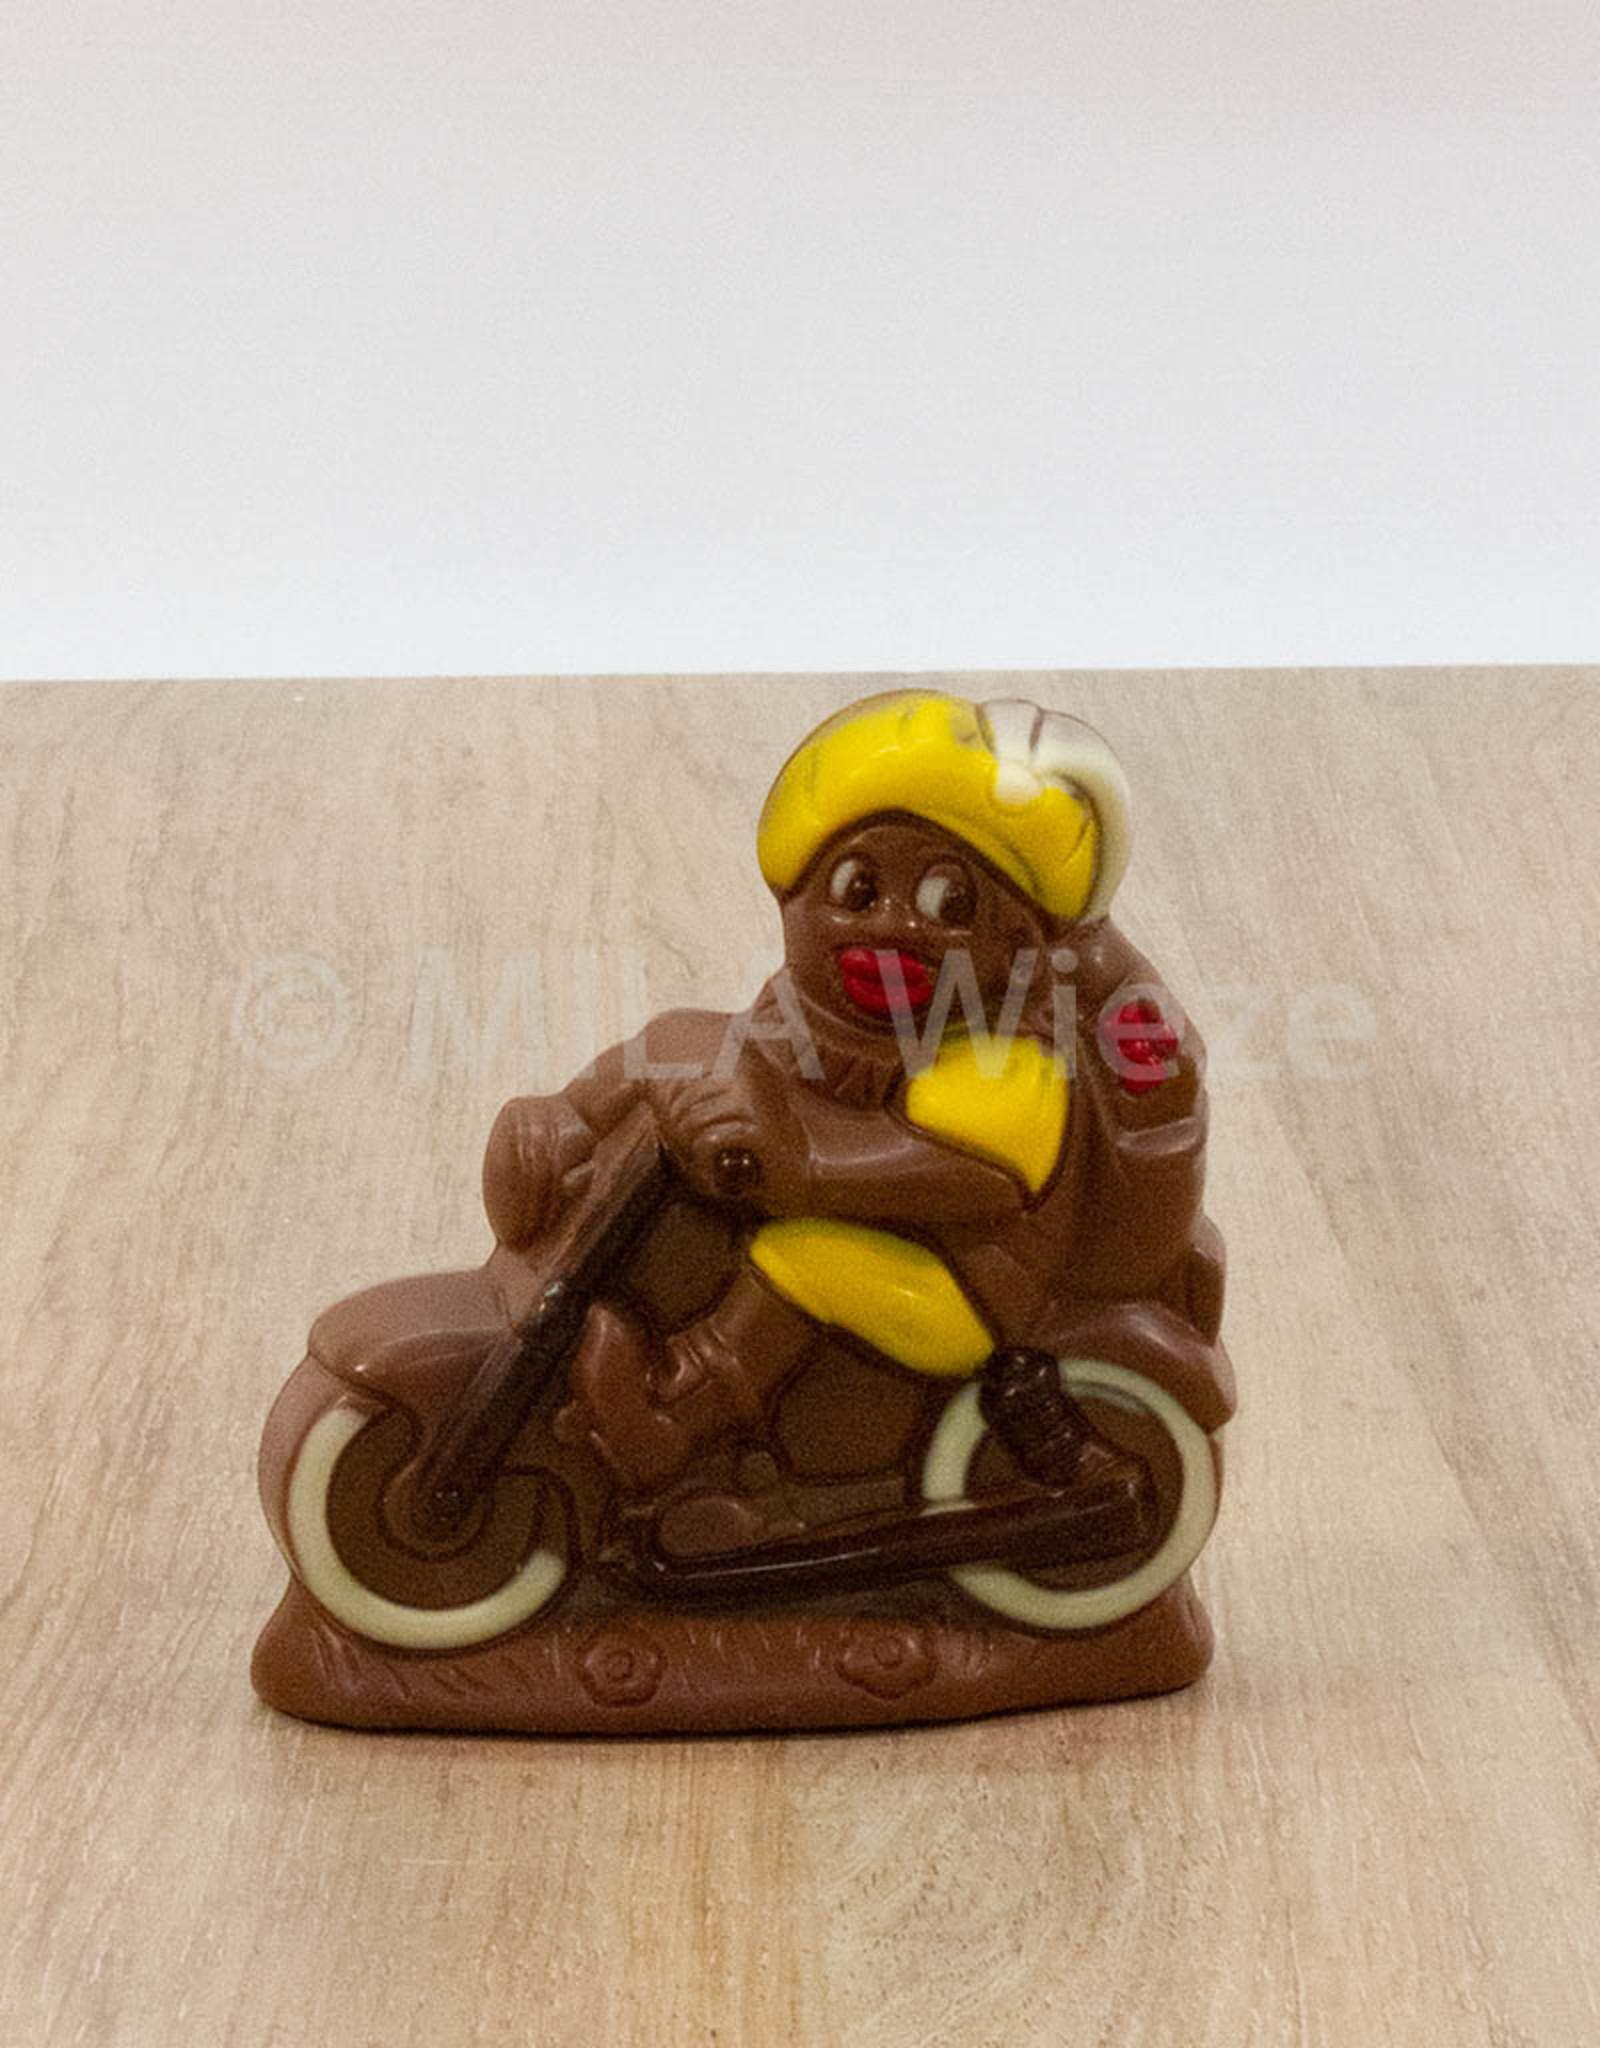 Piet op de fiets deco - 120 gr - 11 cm - melkchocolade